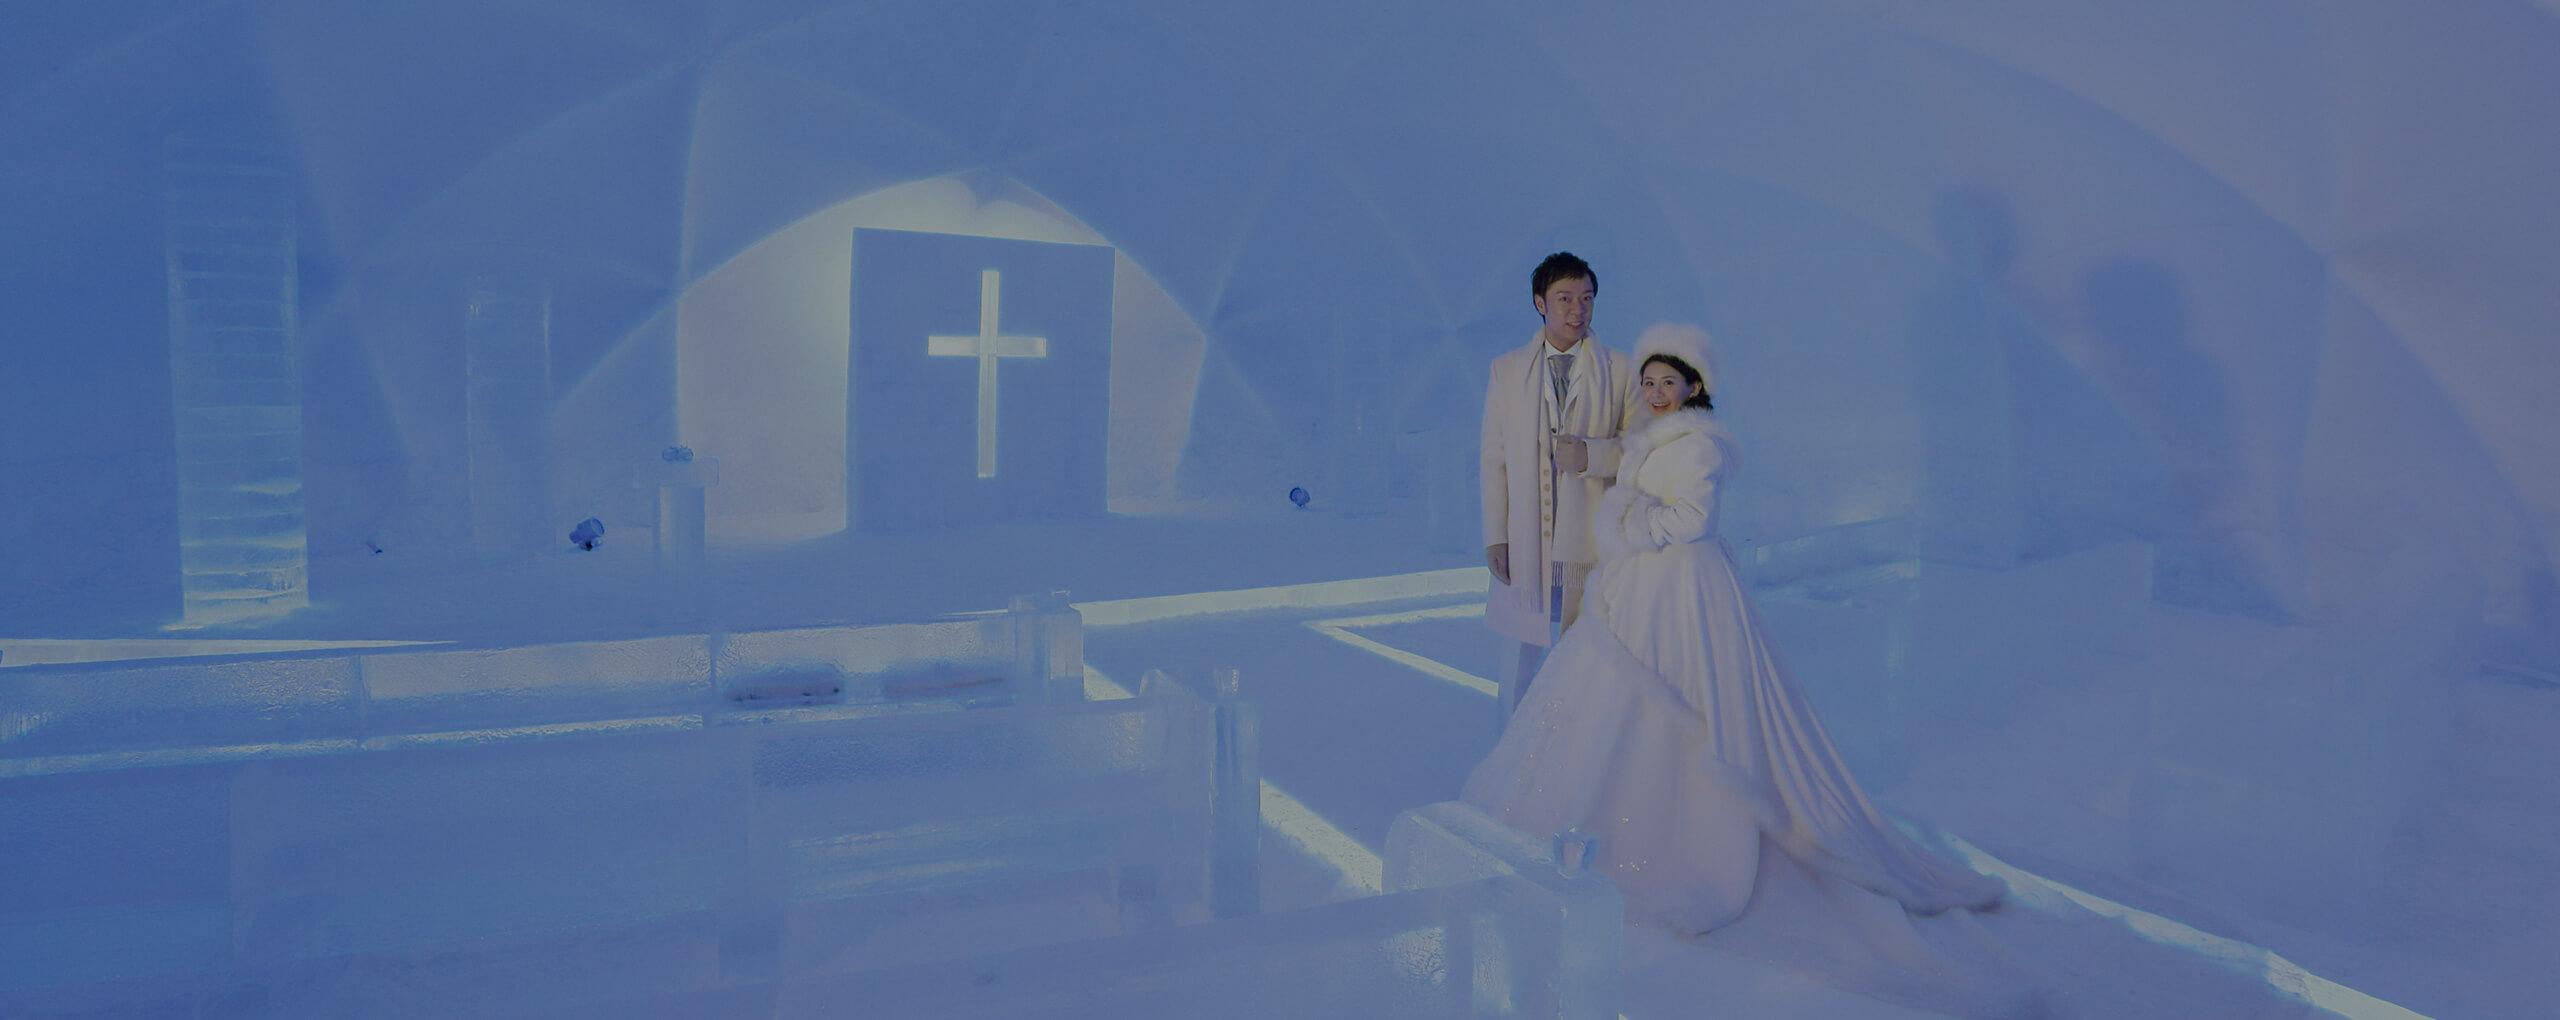 冬空に上がる花火と氷の教会 距離が縮まる 家族旅ウエディング